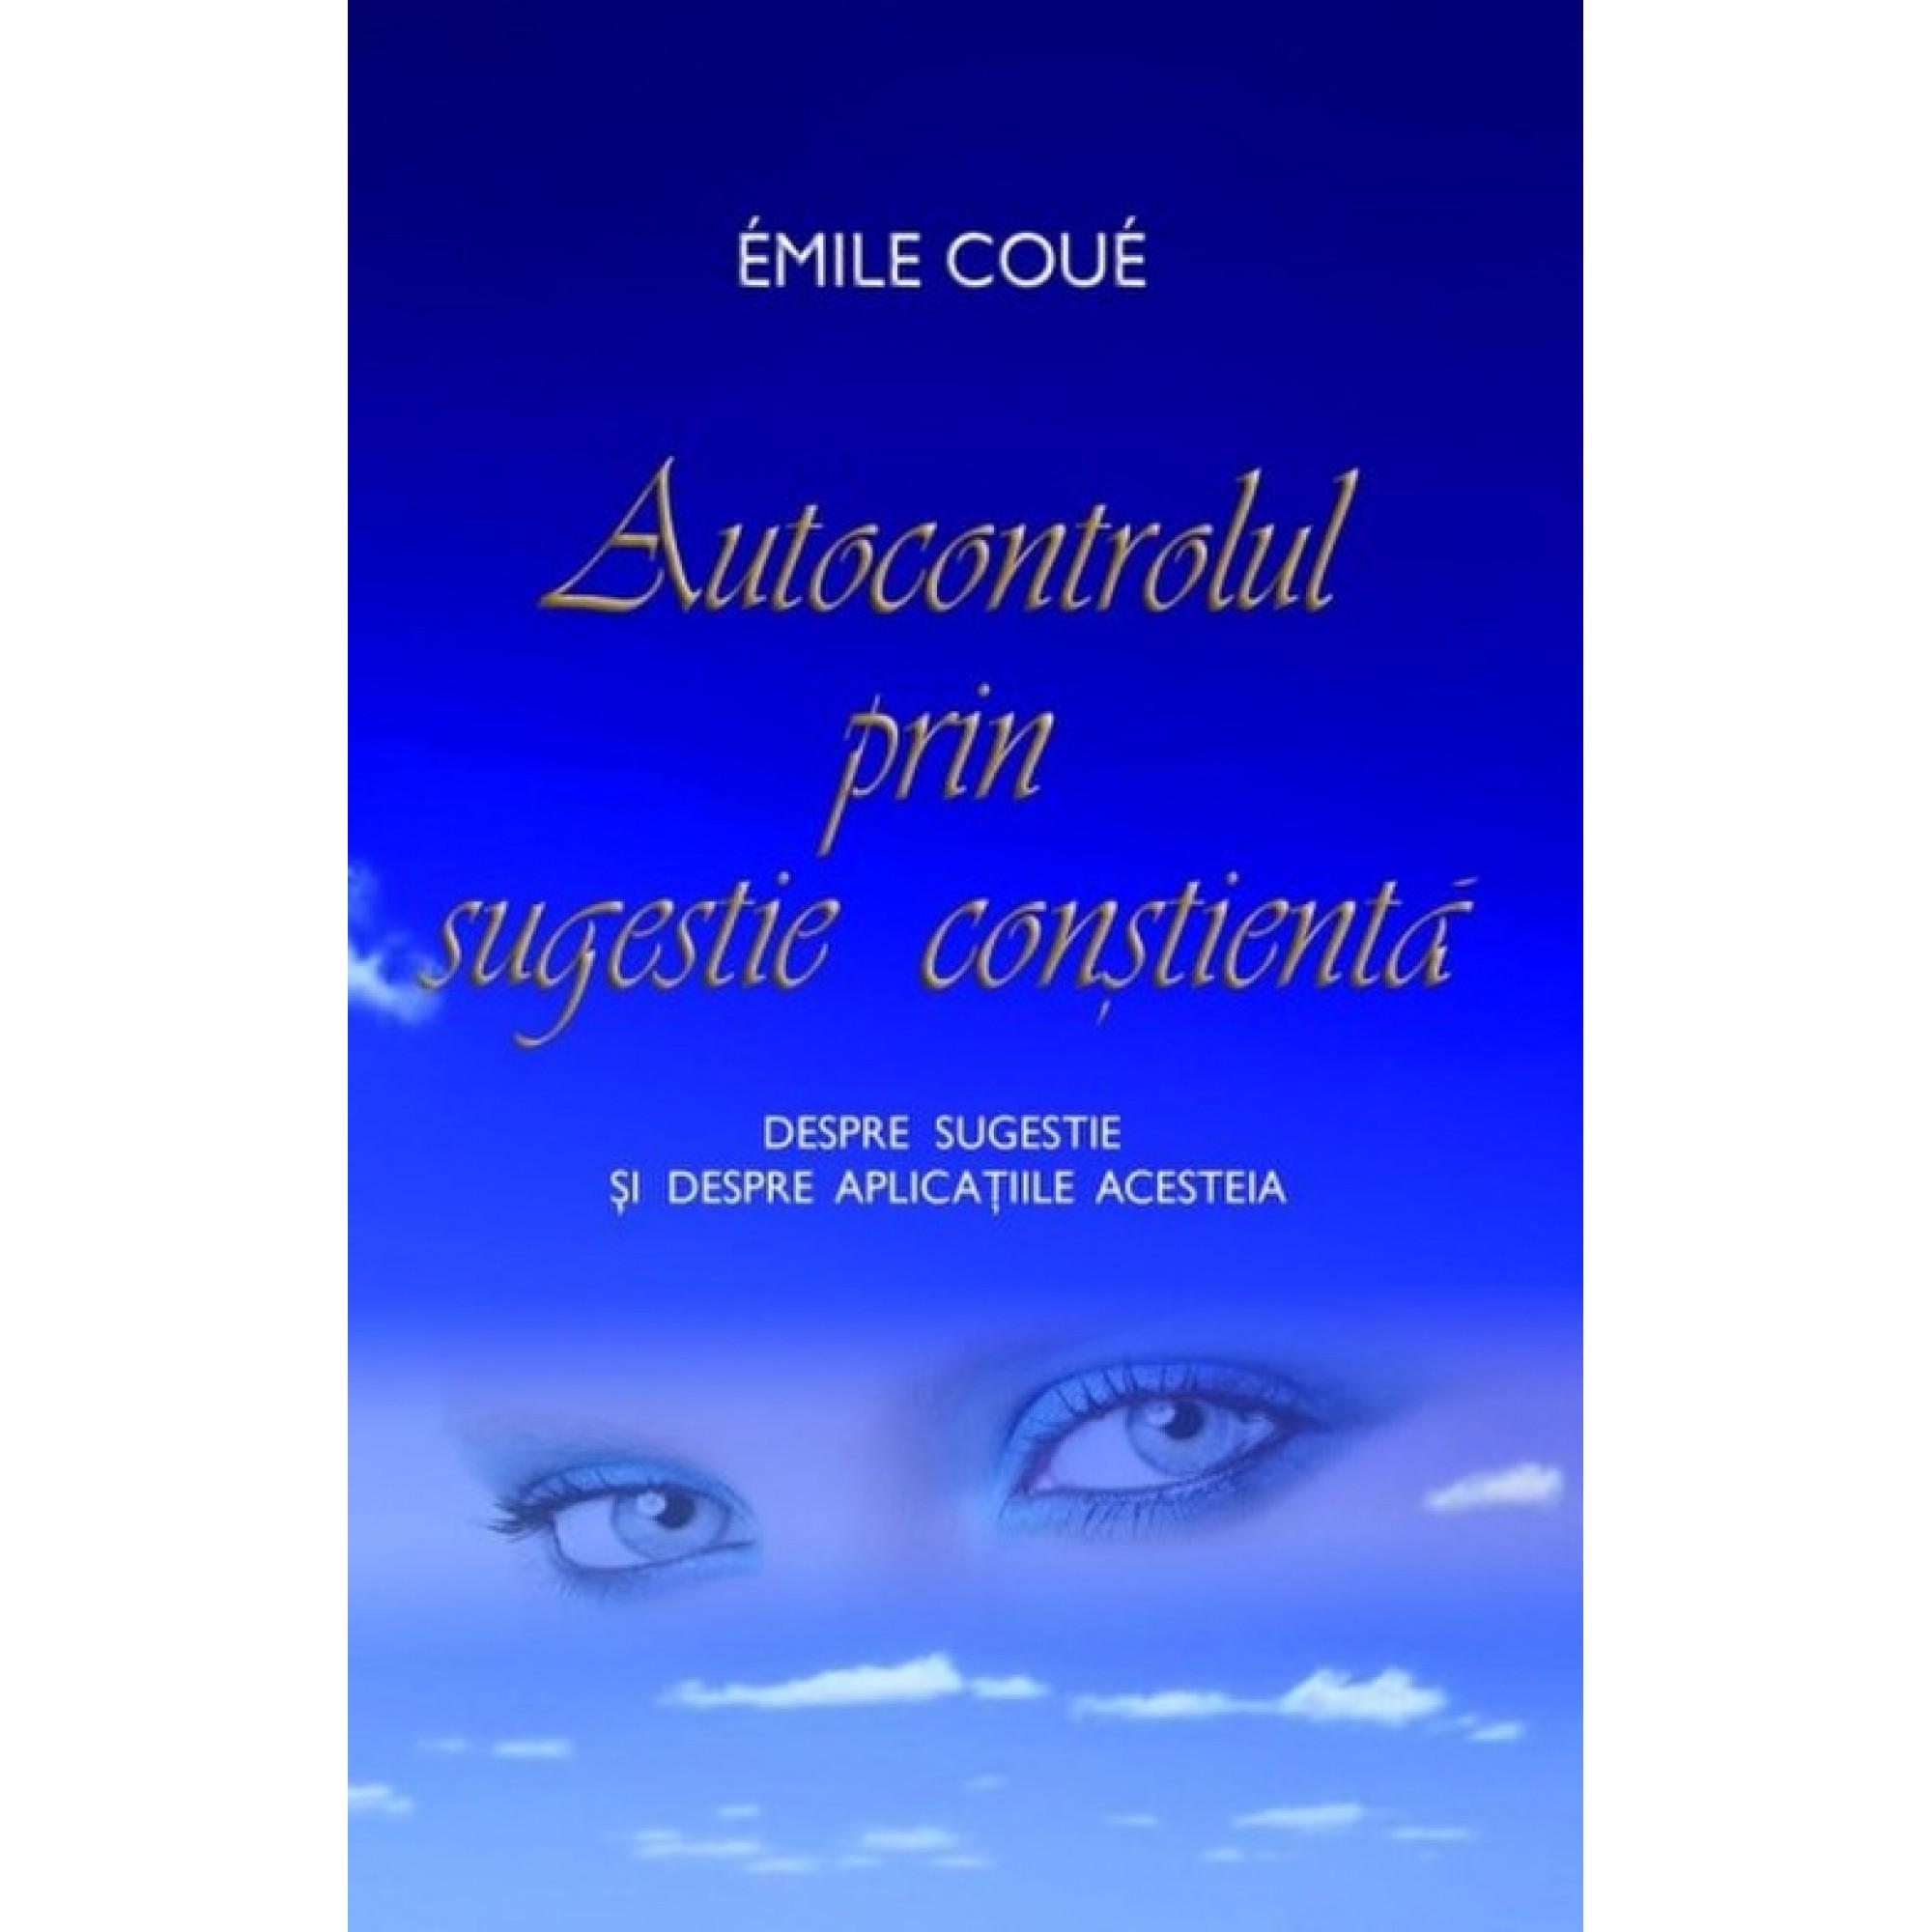 Autocontrolul prin sugestie conștientă; Emile Coue